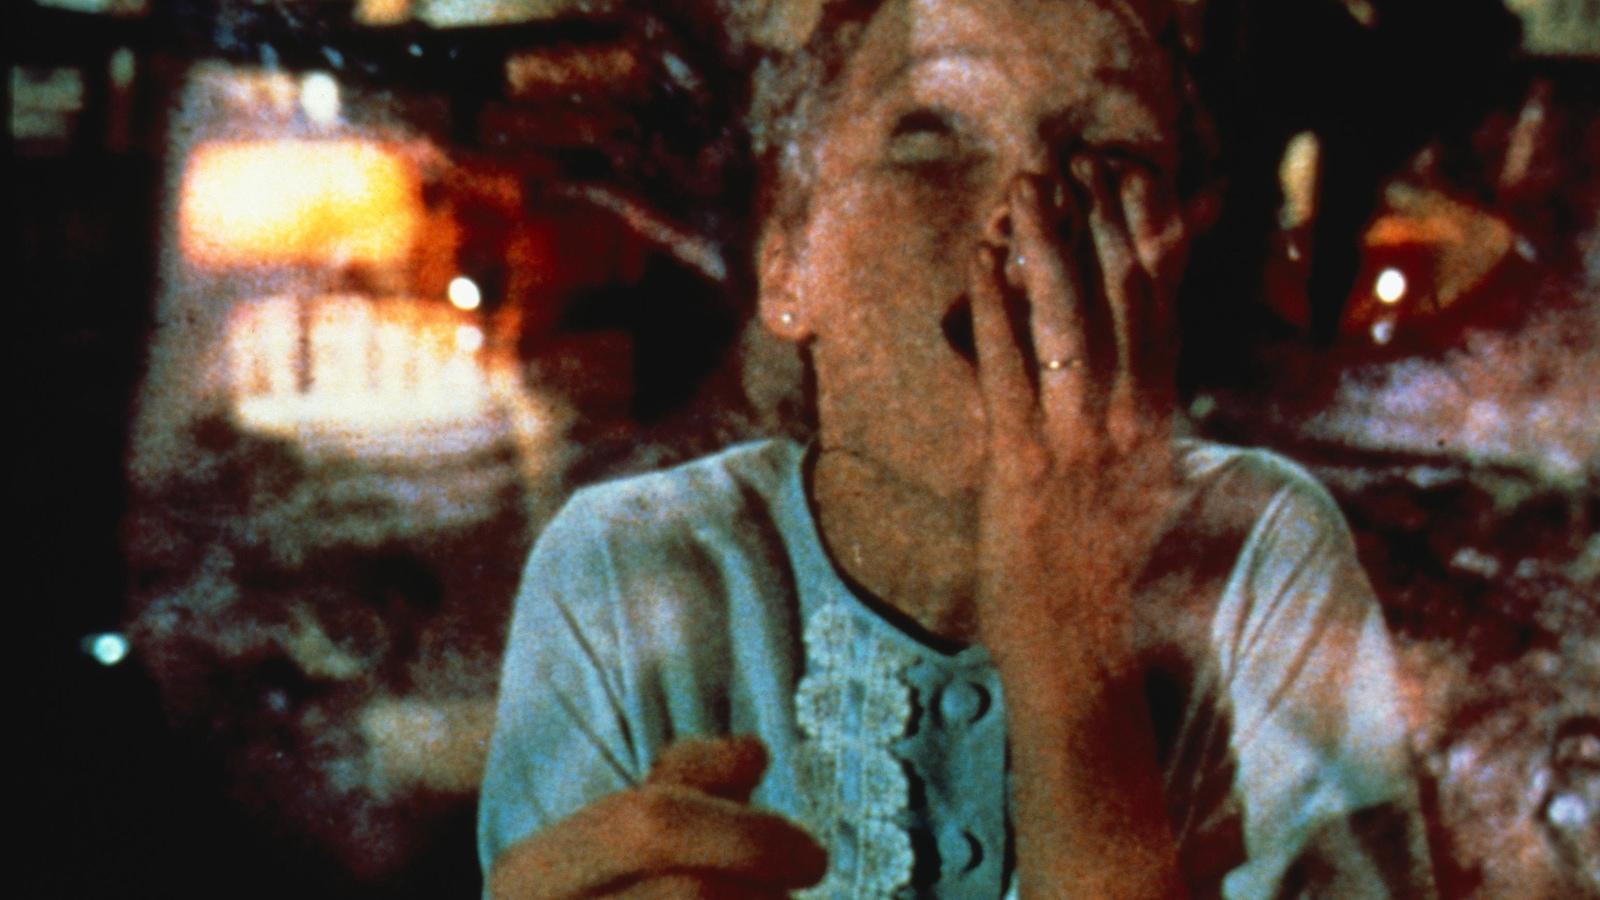 Une jeune femme la main sur la bouche, une image démoniaque en surimpression